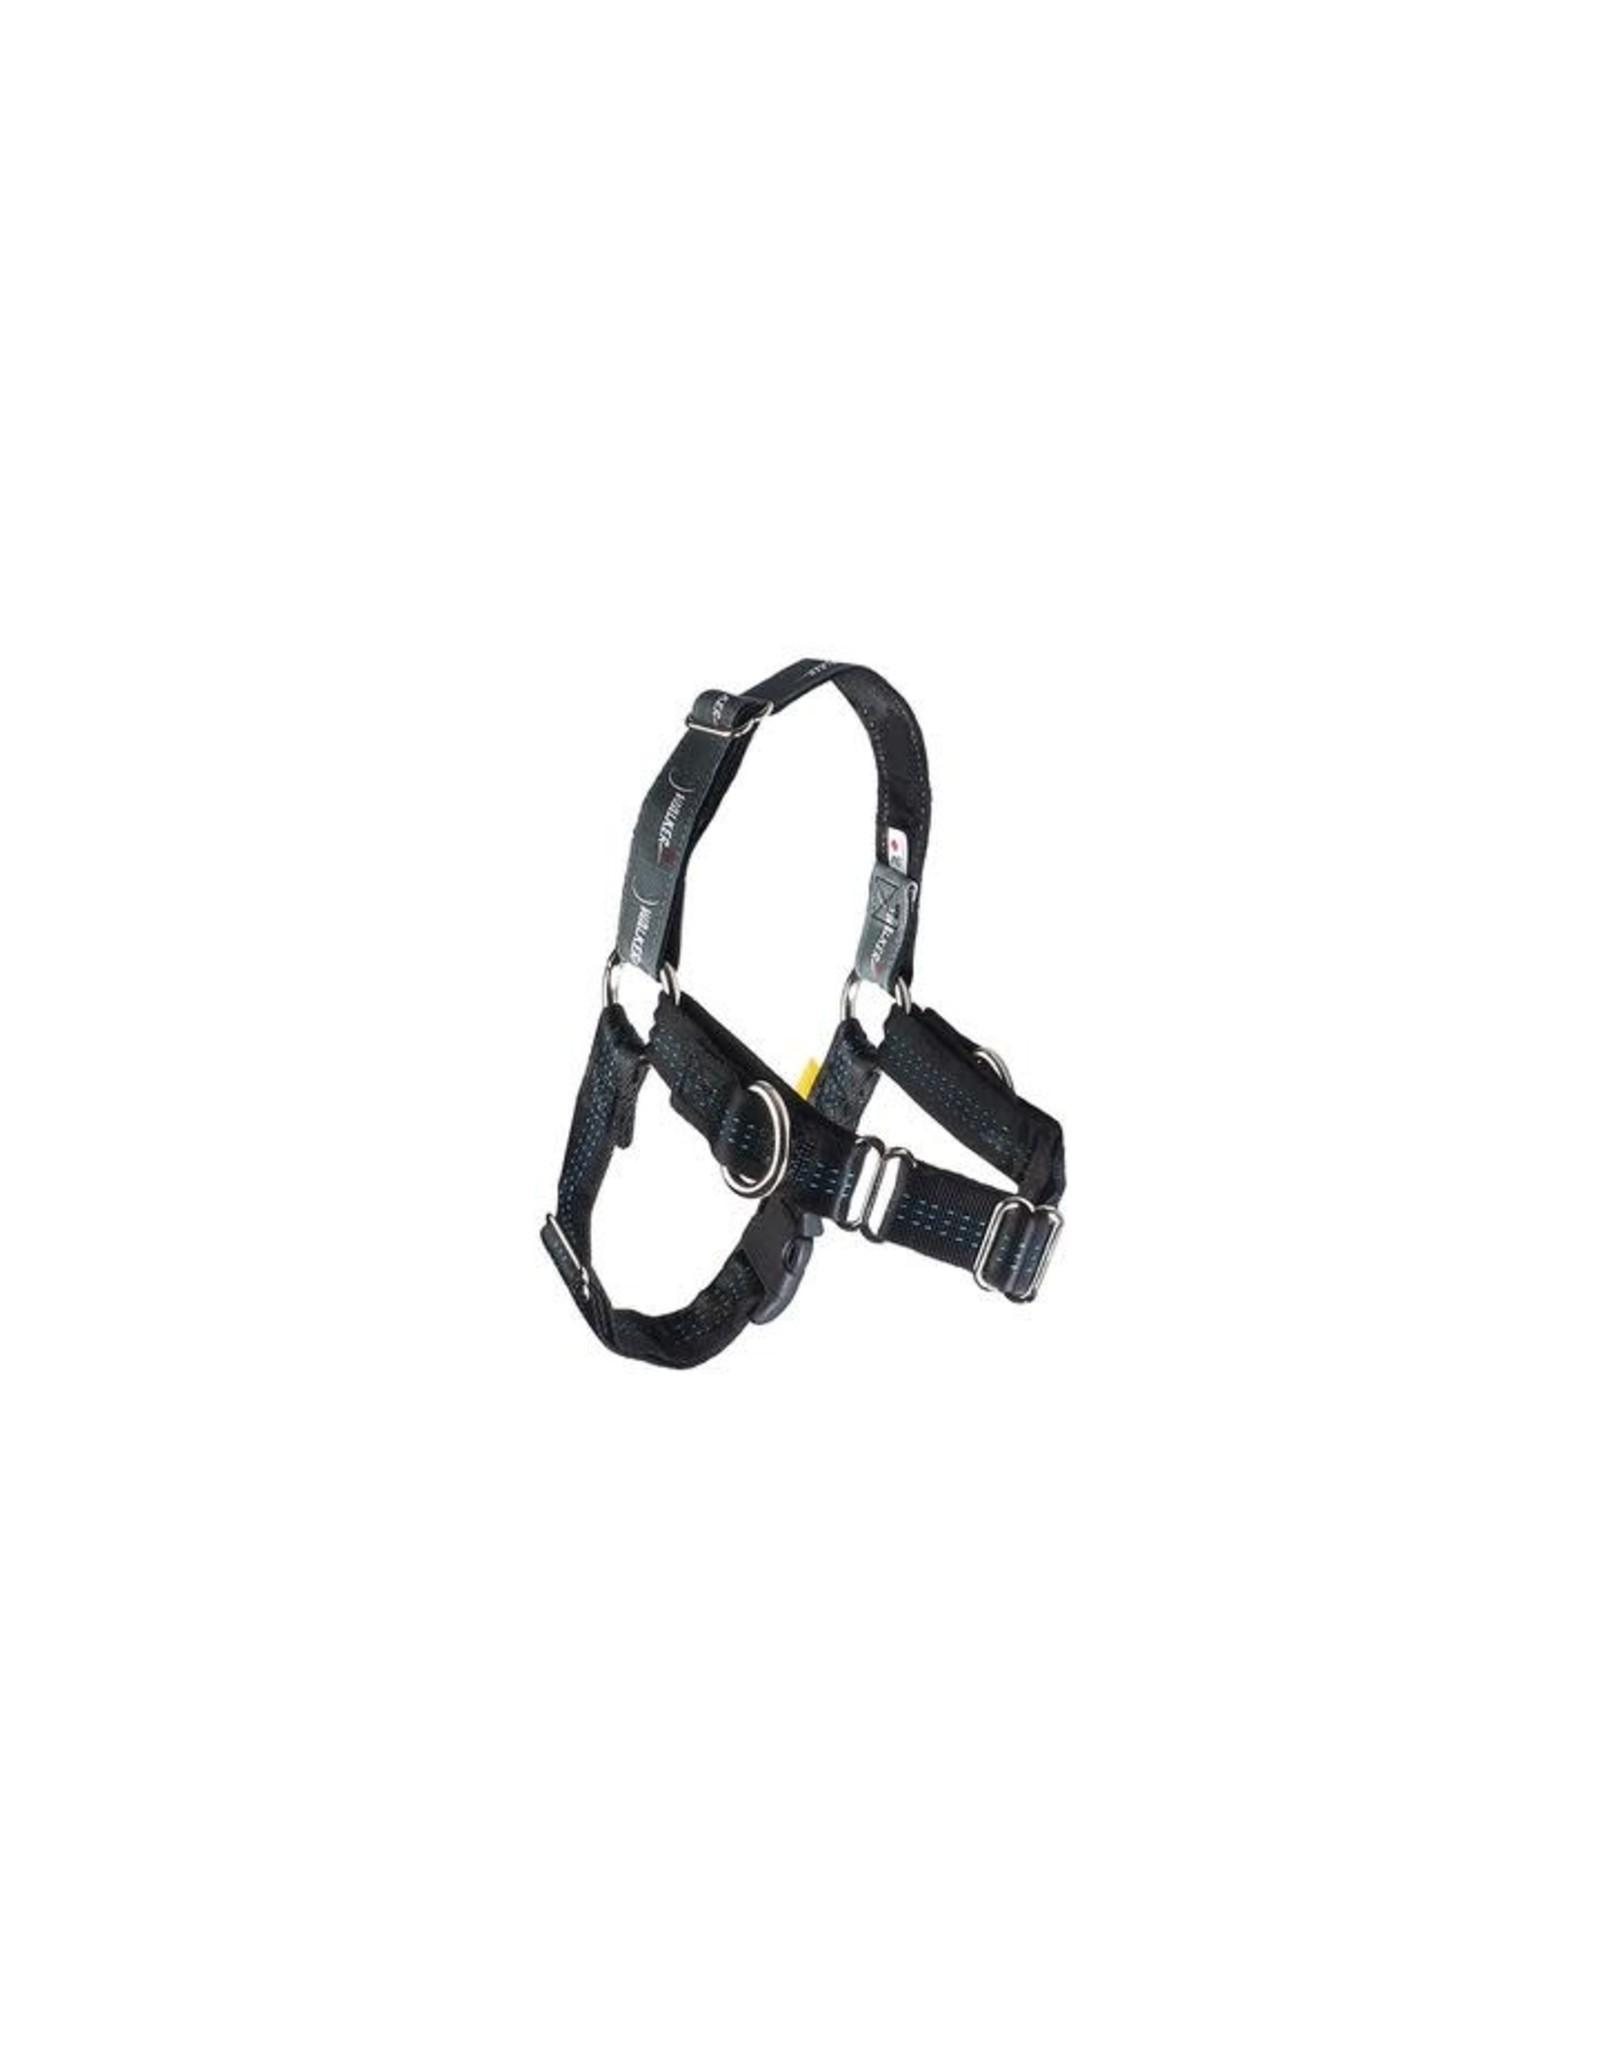 JWalker JWalker Harness - Black - XL